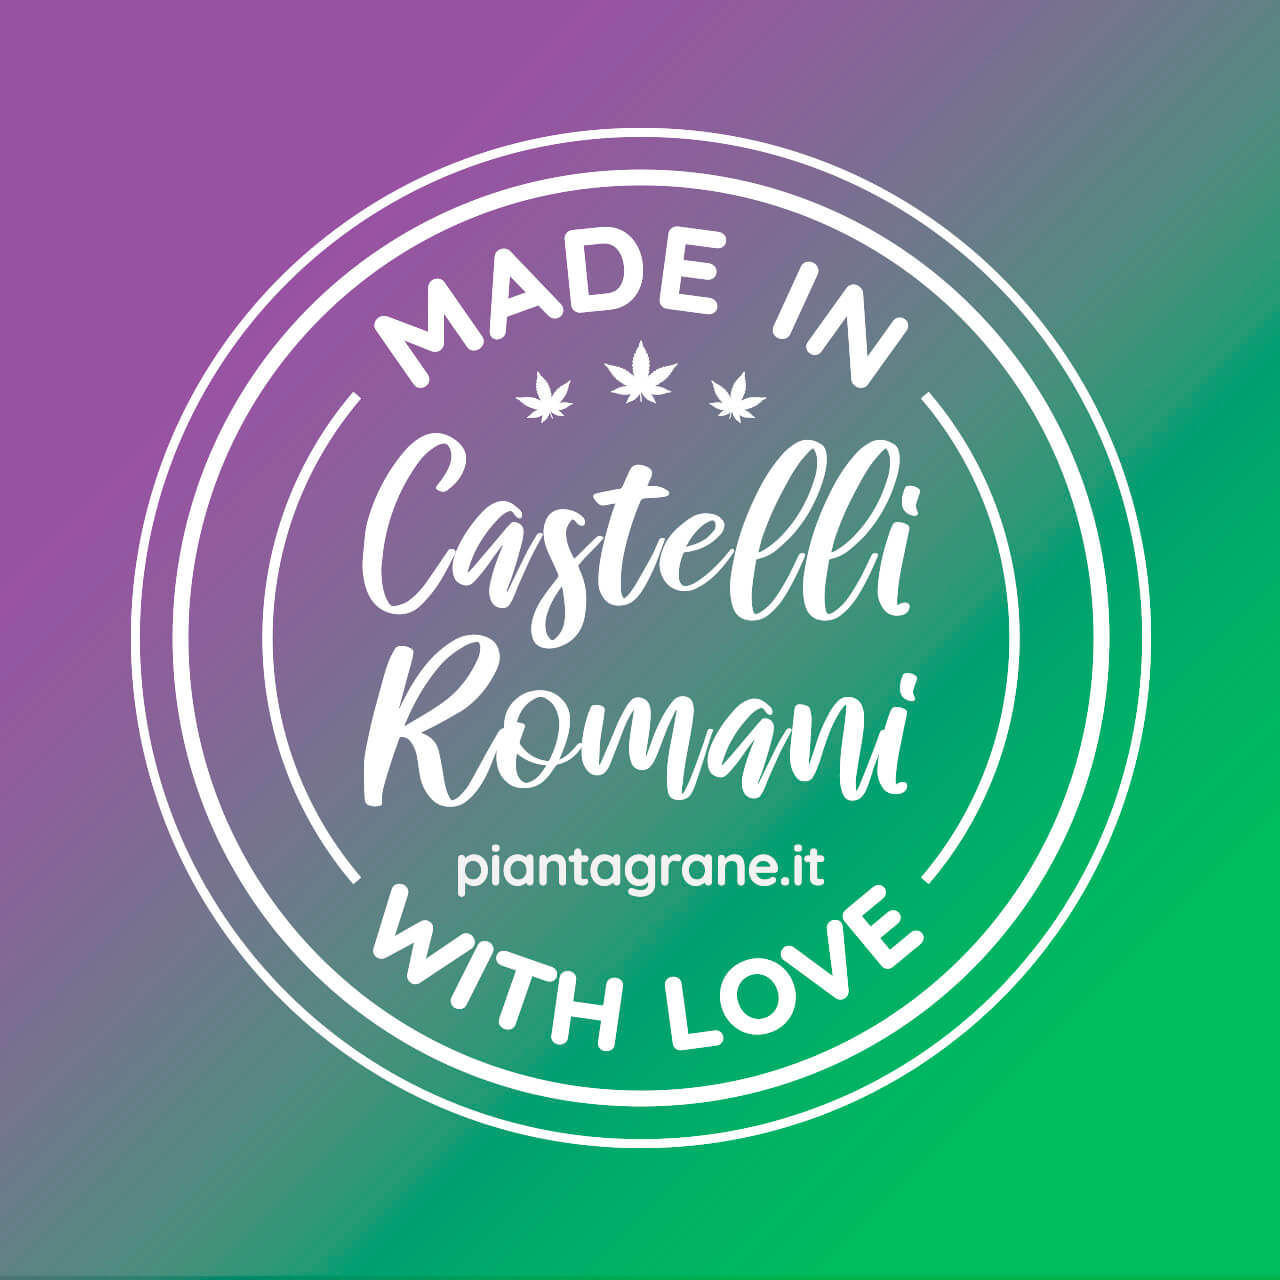 Made-In-Castelli-Romani-Piantagrane